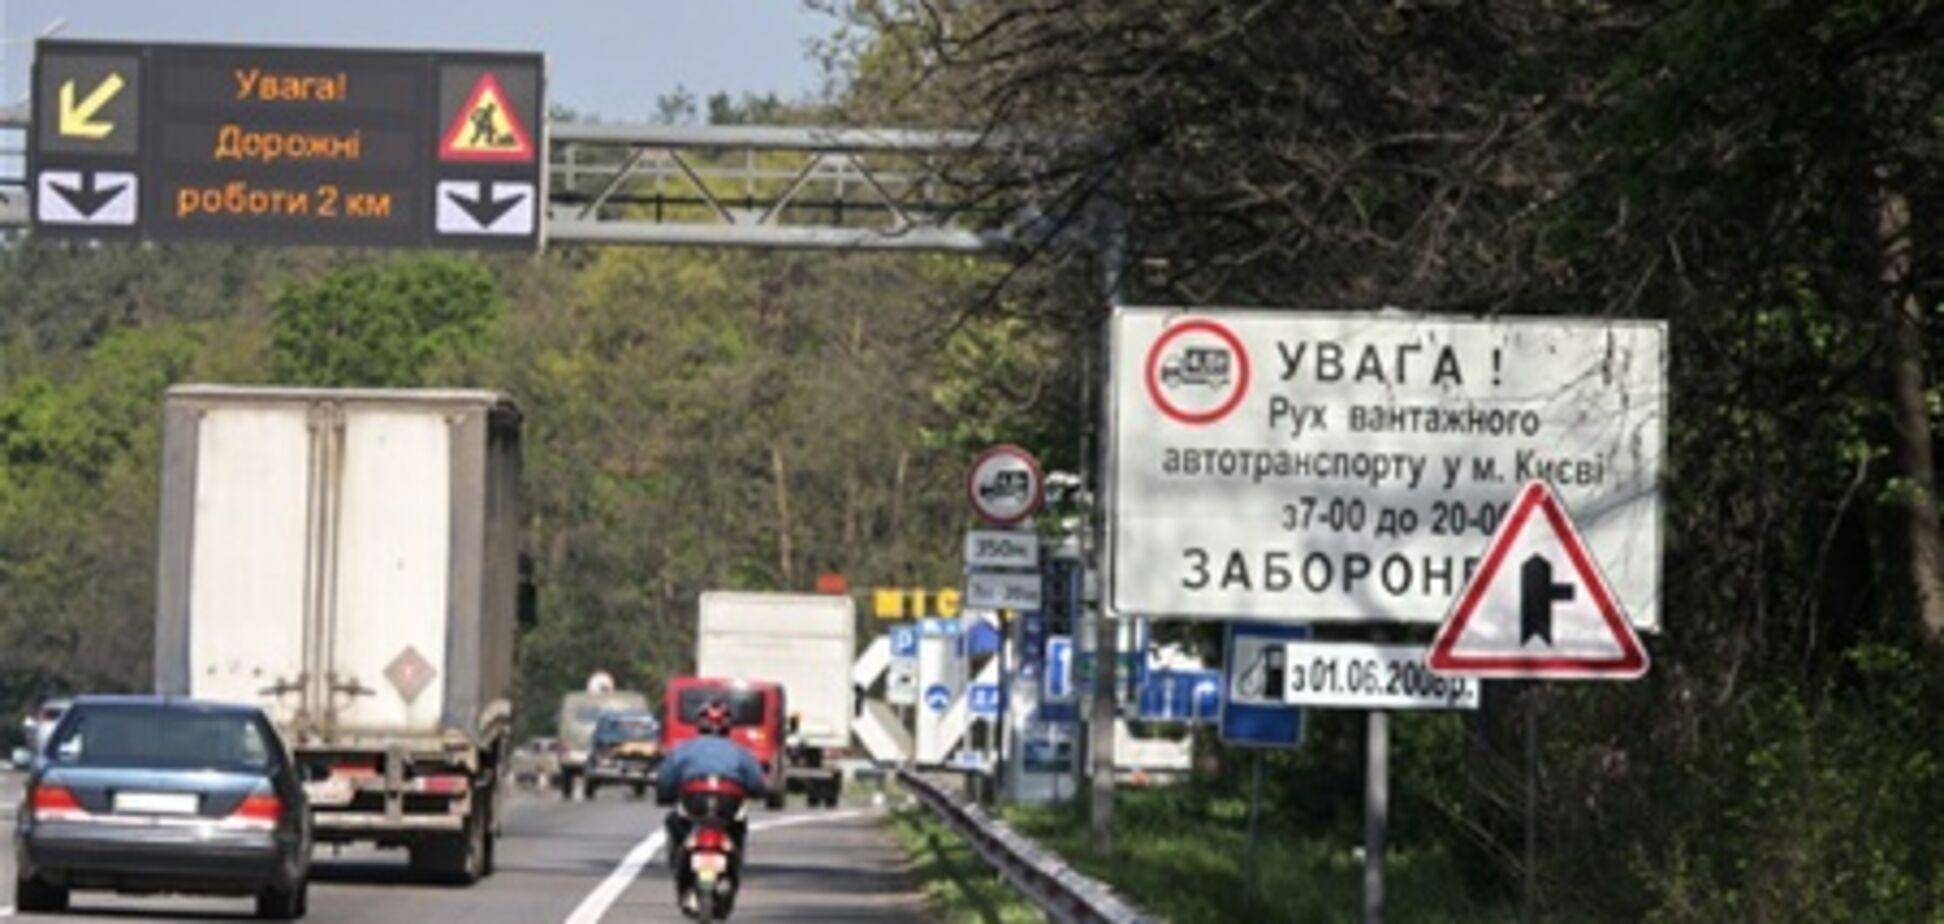 Киевские власти собираются навести порядок с фурами